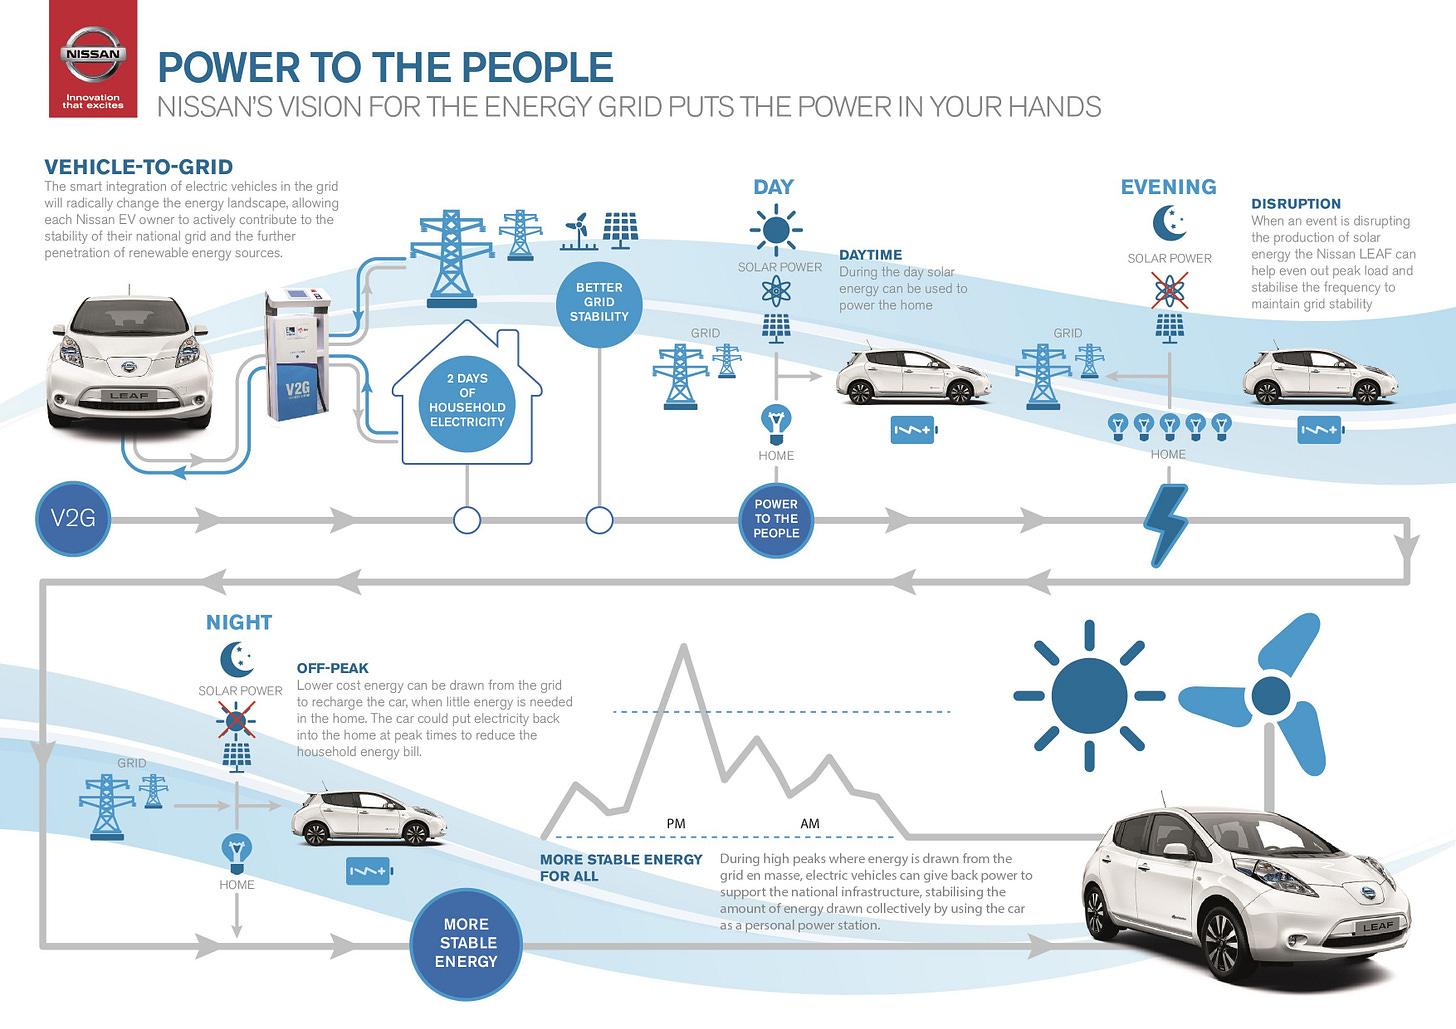 Nissan LEAF Vehicle to Grid v2g infographic